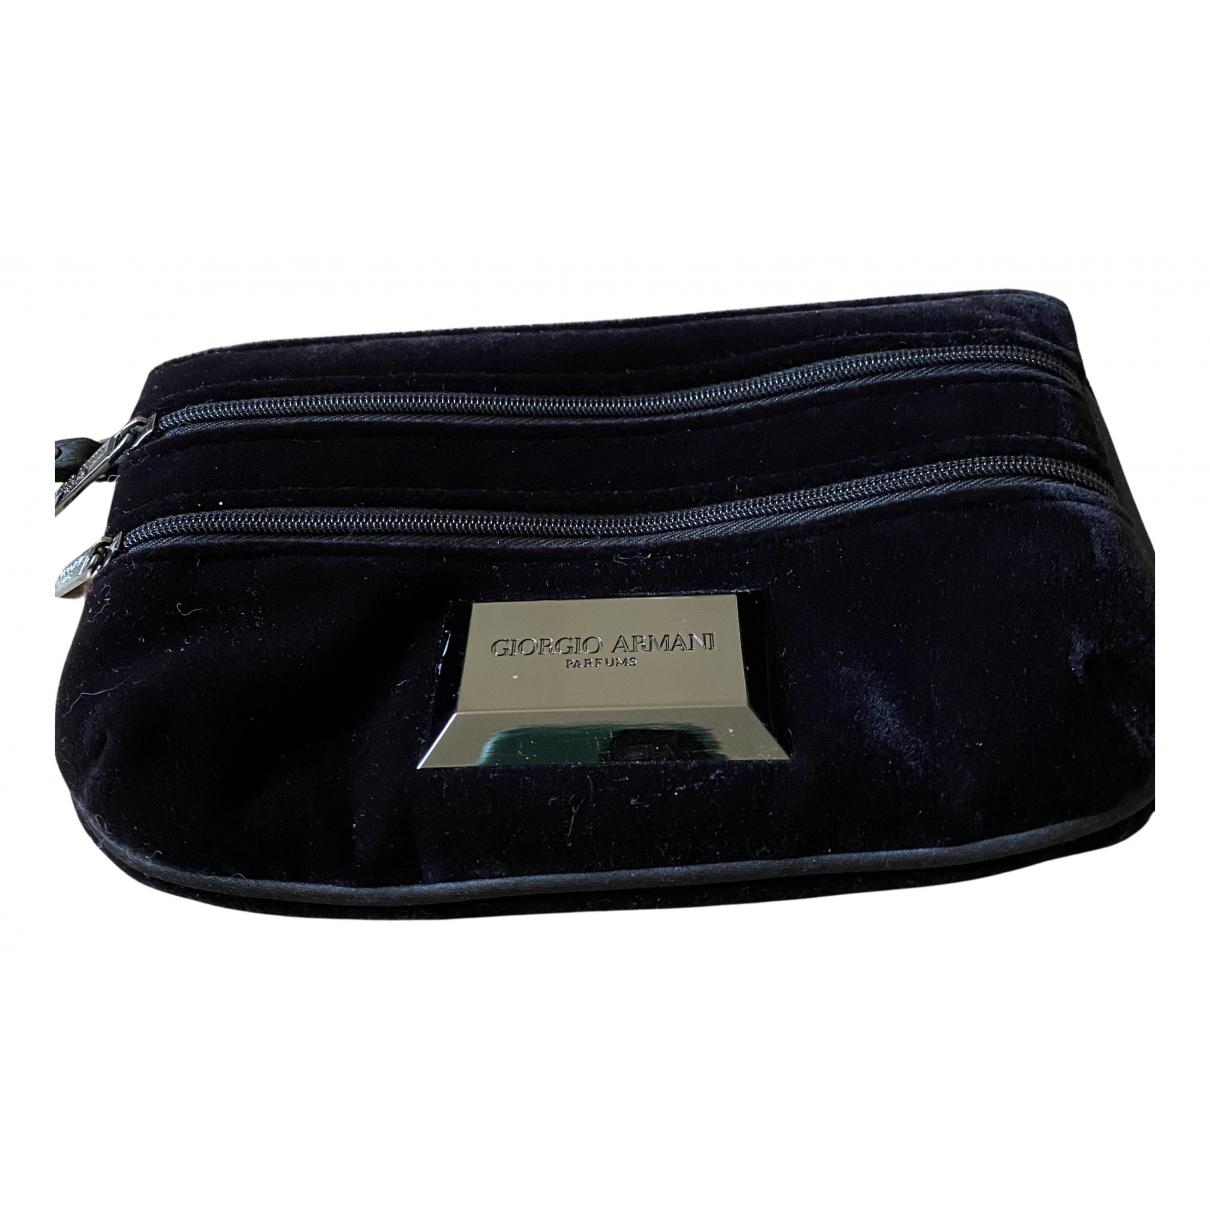 Giorgio Armani N Black Velvet Purses, wallet & cases for Women N